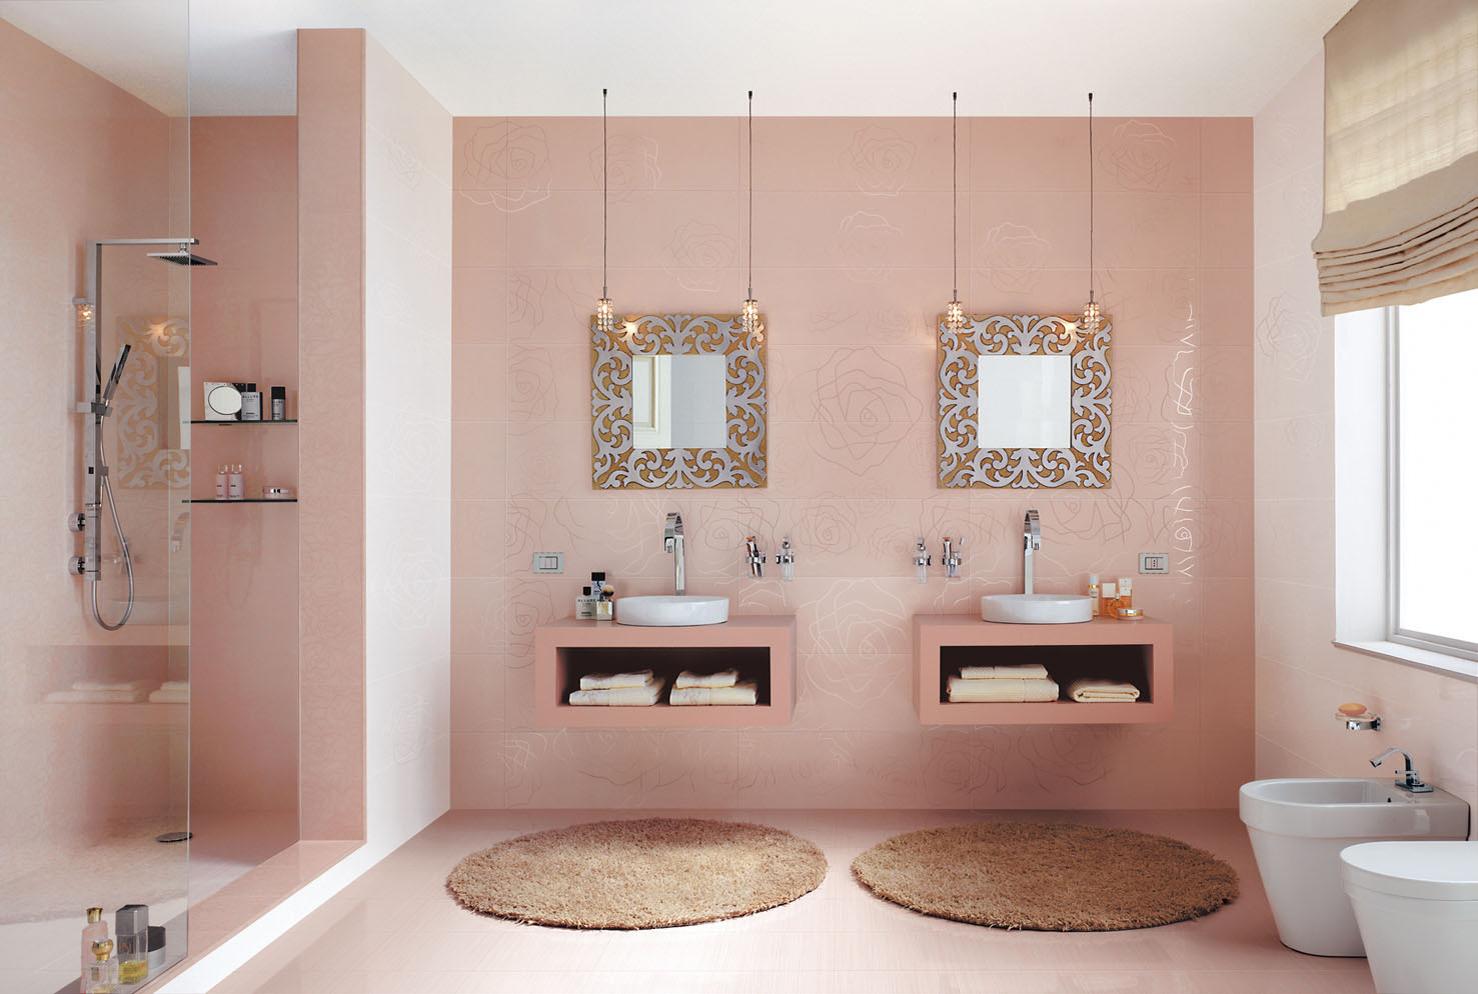 F rd szoba csempe csata 8 egy ri si olasz vattacukor Pink bathroom ideas pictures